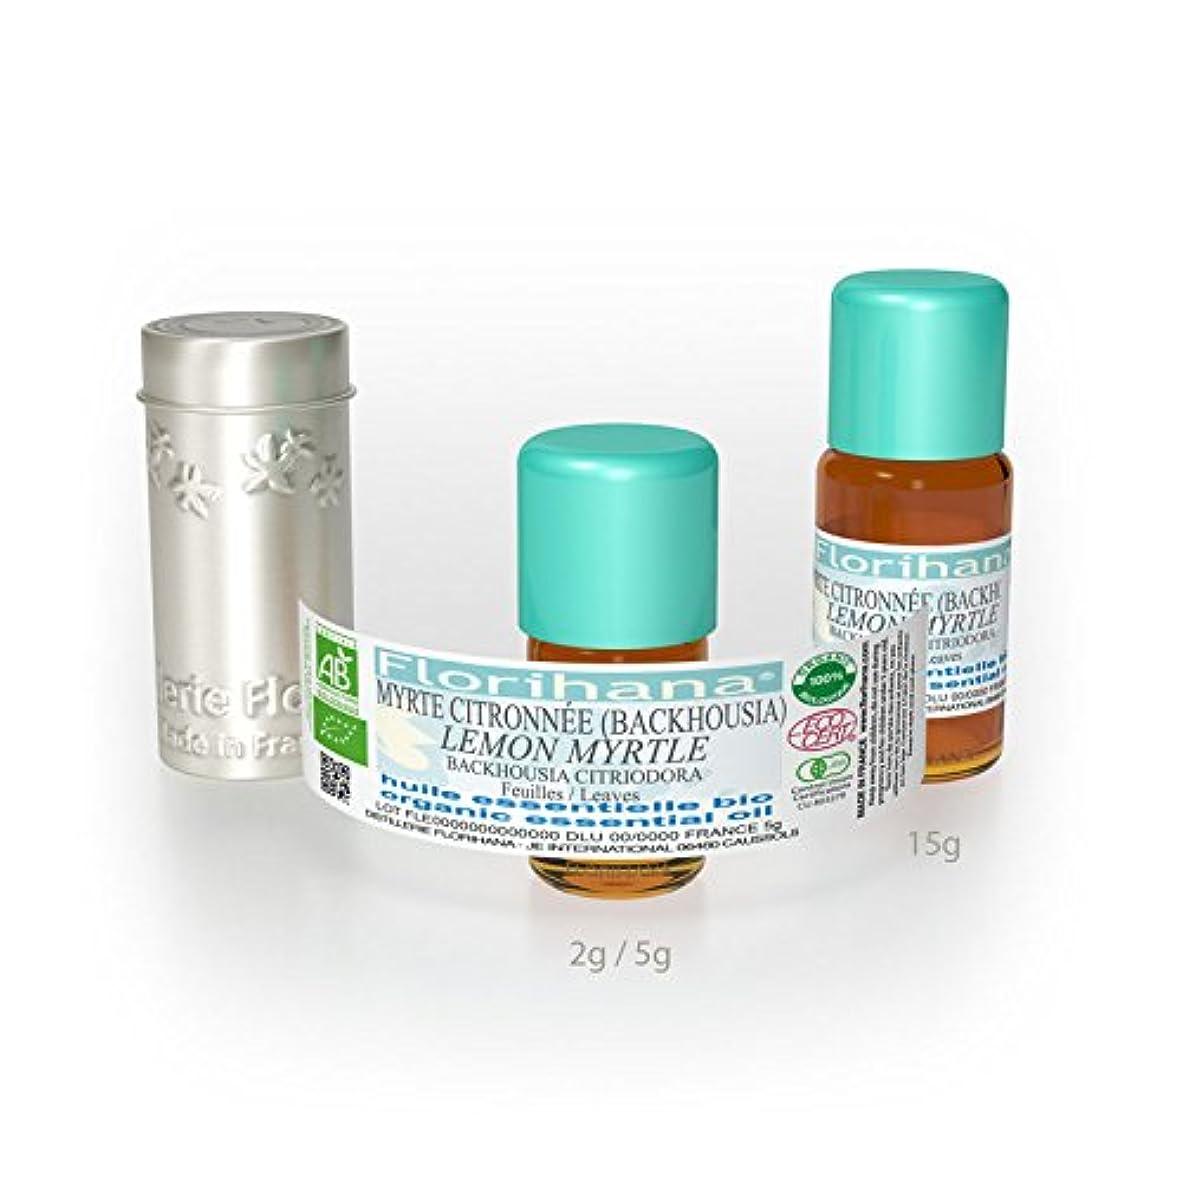 アナロジー小さな悪化させるオーガニック エッセンシャルオイル レモンマートル 5g(5.6ml)